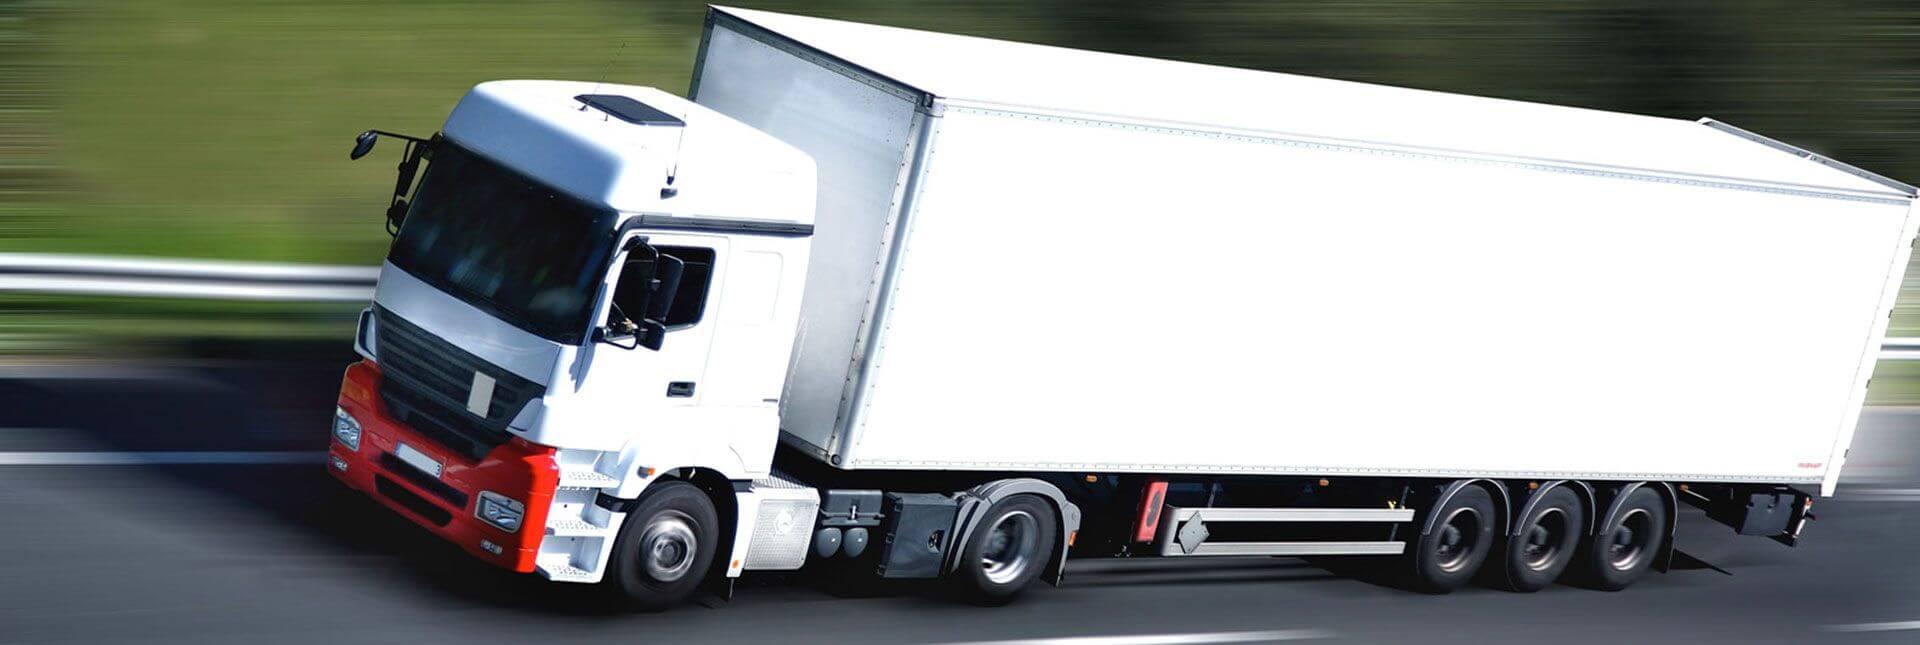 Hızlı ve Güvenli Taşımacılık